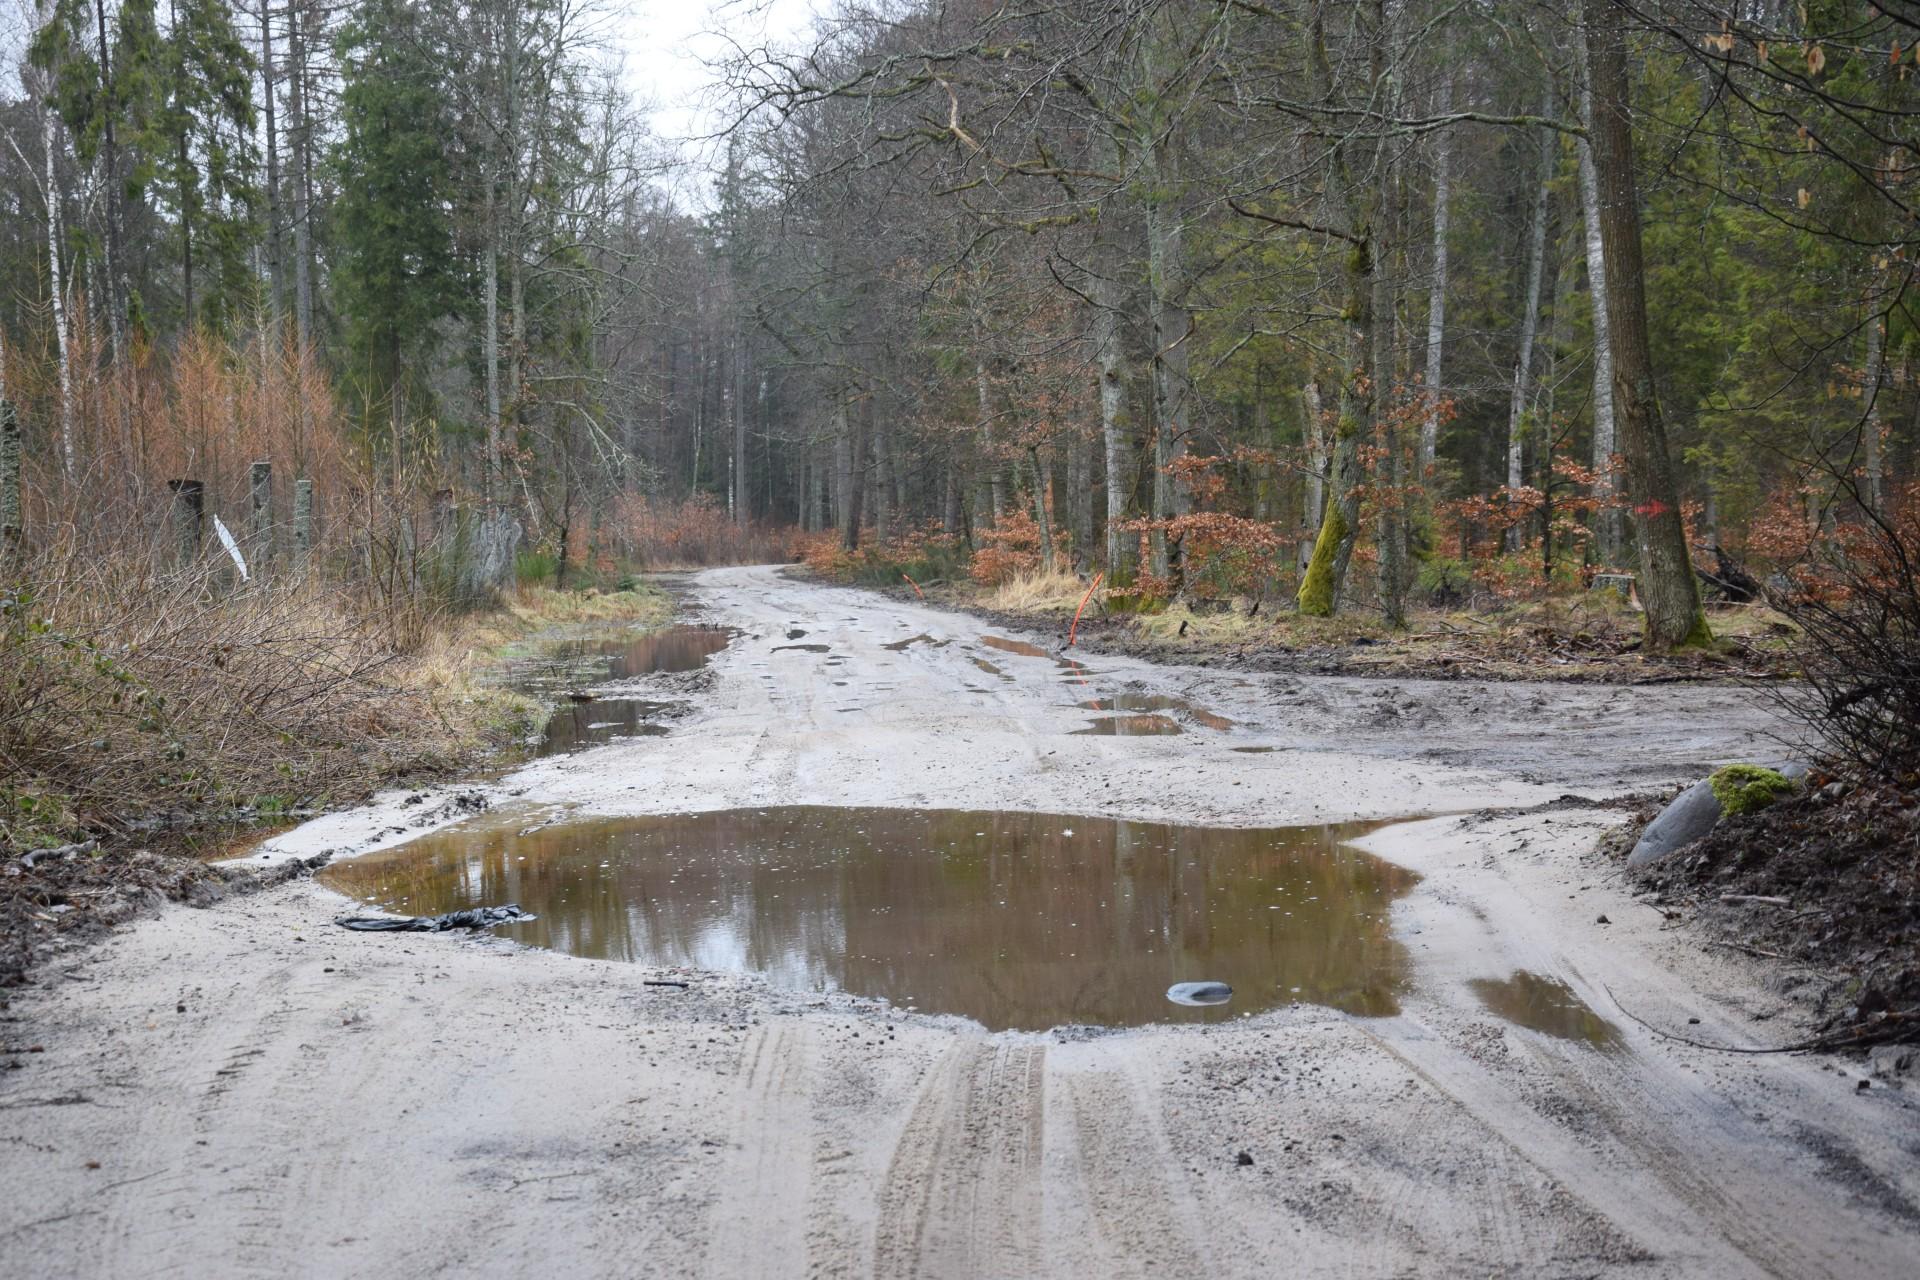 Droga Wejherowo - Celbowo, stan istniejący. Fot. Tomasz Słomczyński/Magazyn Kaszuby